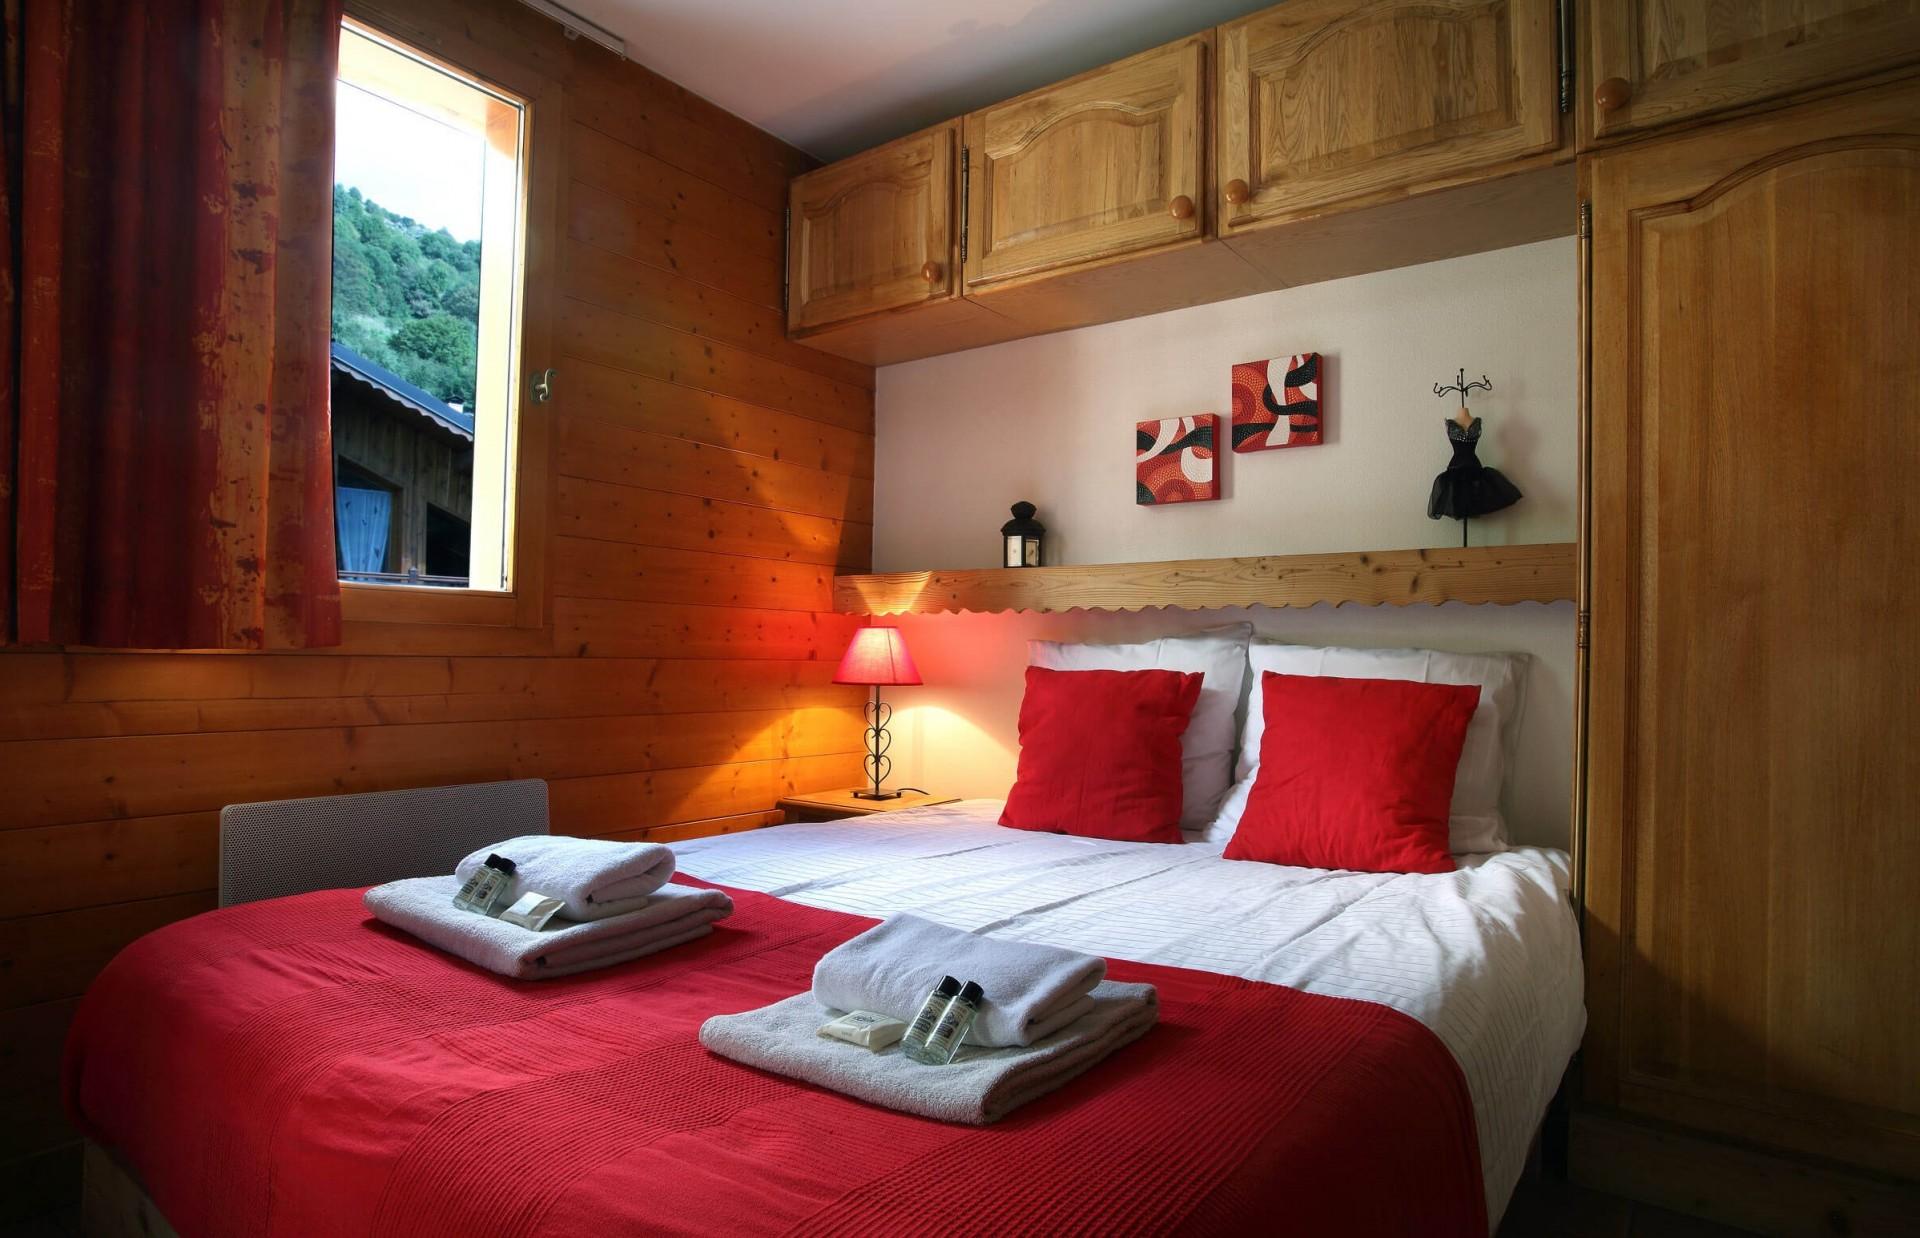 Les Menuires Location Chalet Luxe Lautite Chambre 4